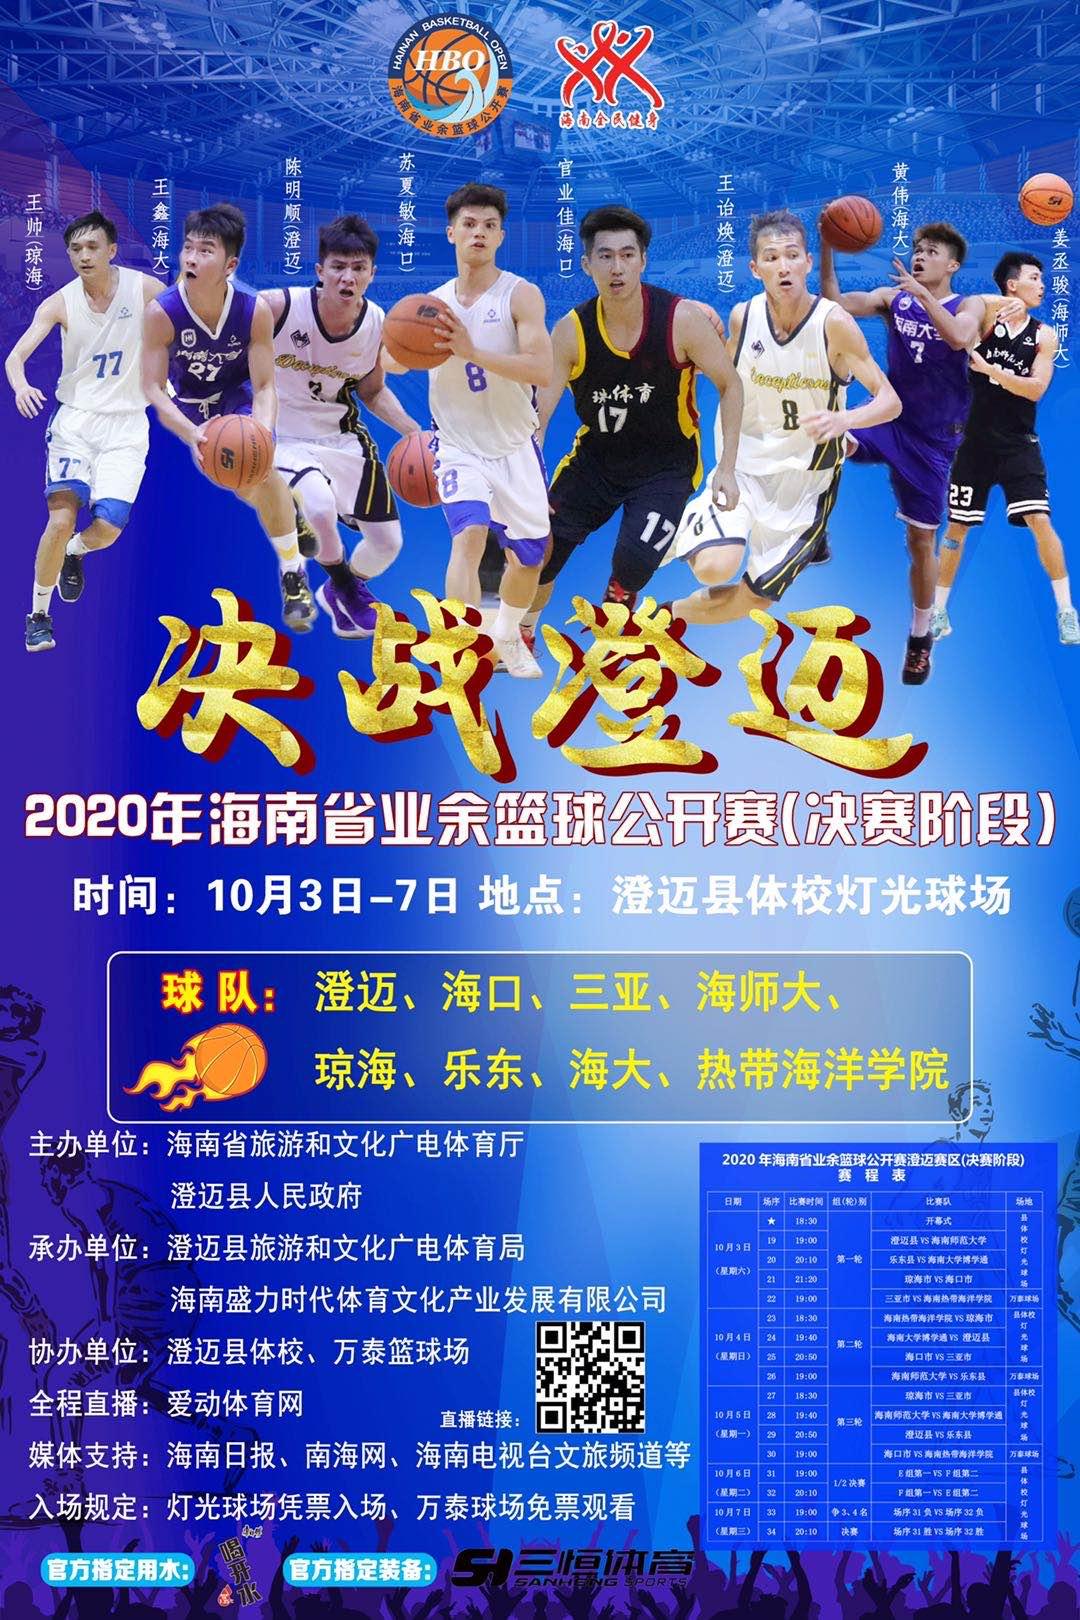 【回放】2020年海南省业余篮球公开赛 5日 澄迈赛区